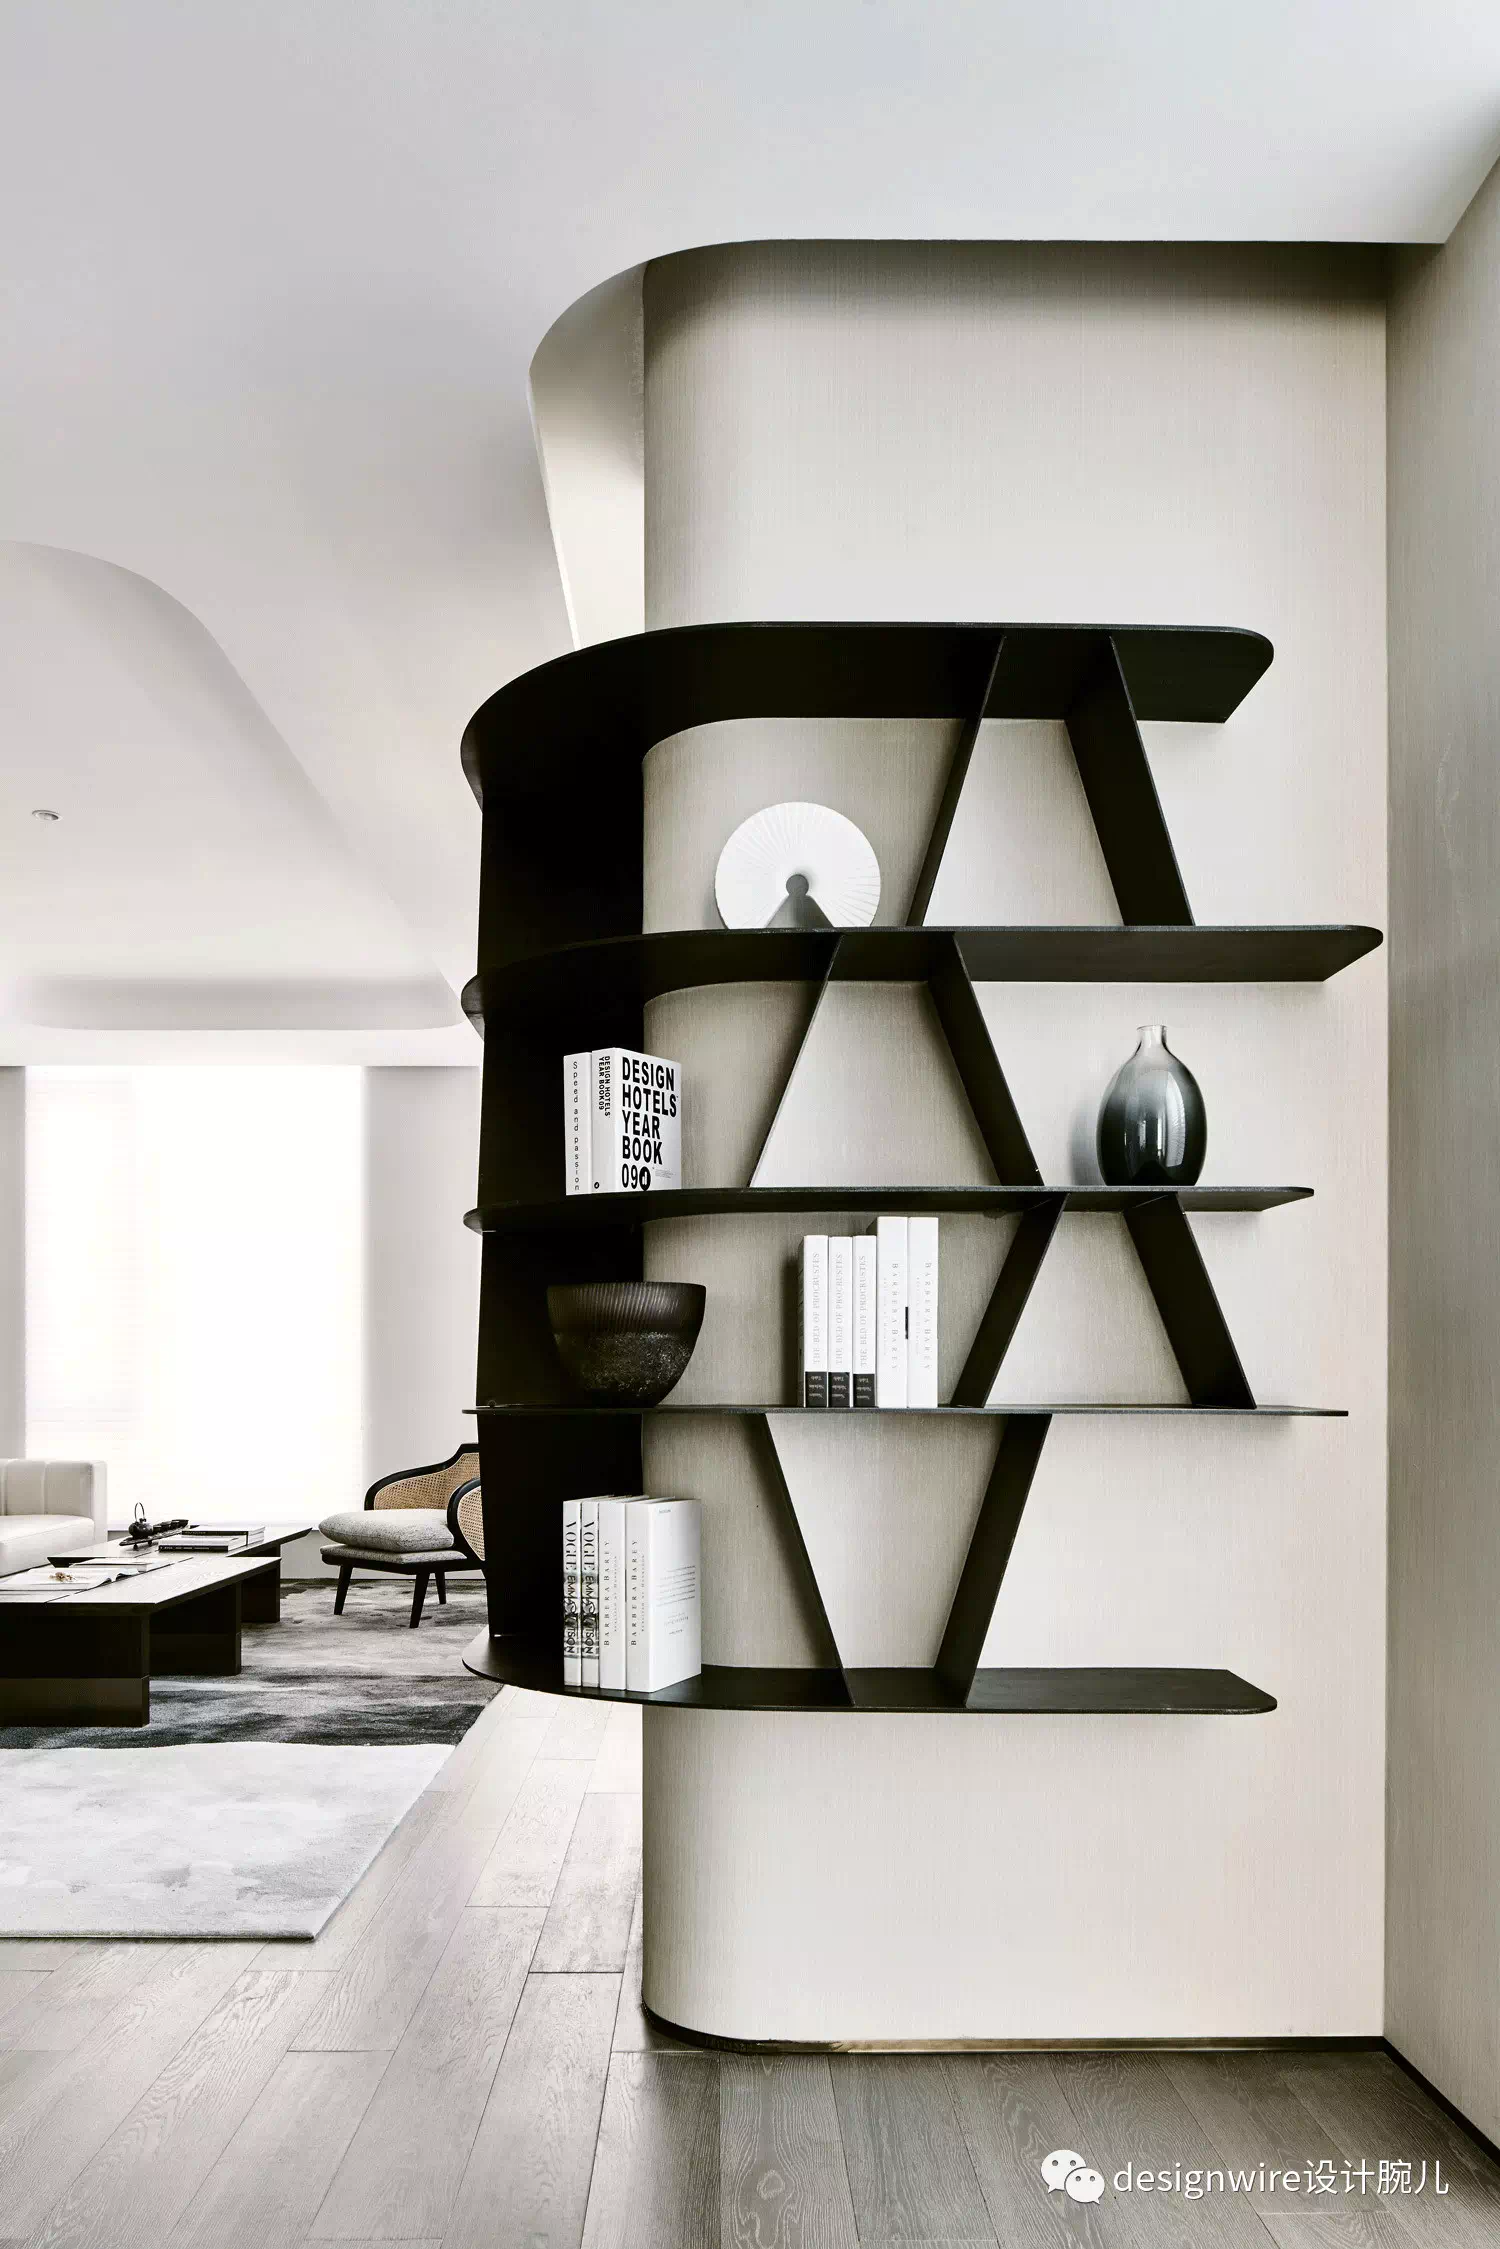 Modern Home Shelving Shelves Home Interiors Interior